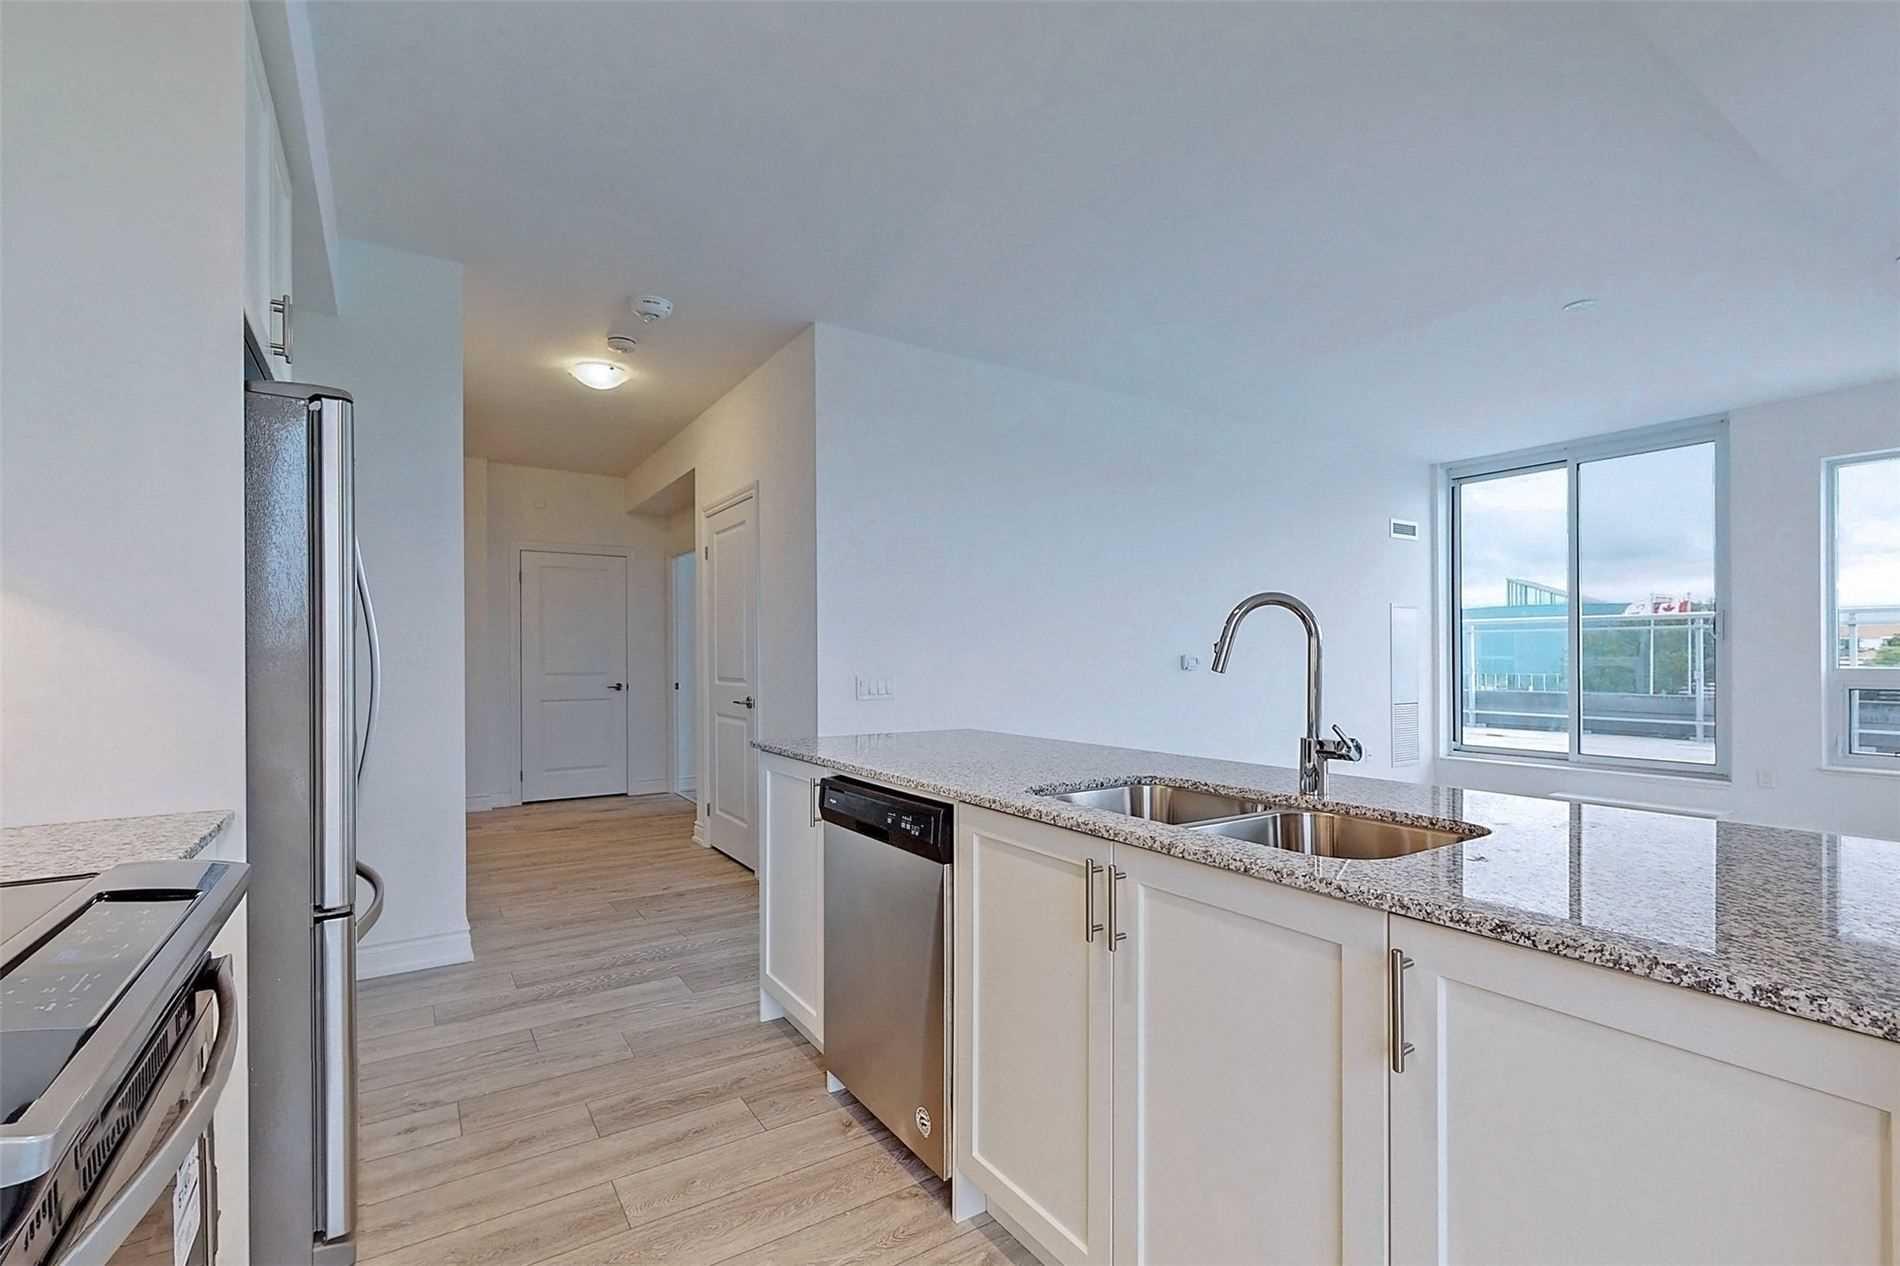 221 - 1050 Main St E - Dempsey Condo Apt for sale, 3 Bedrooms (W5398557) - #17